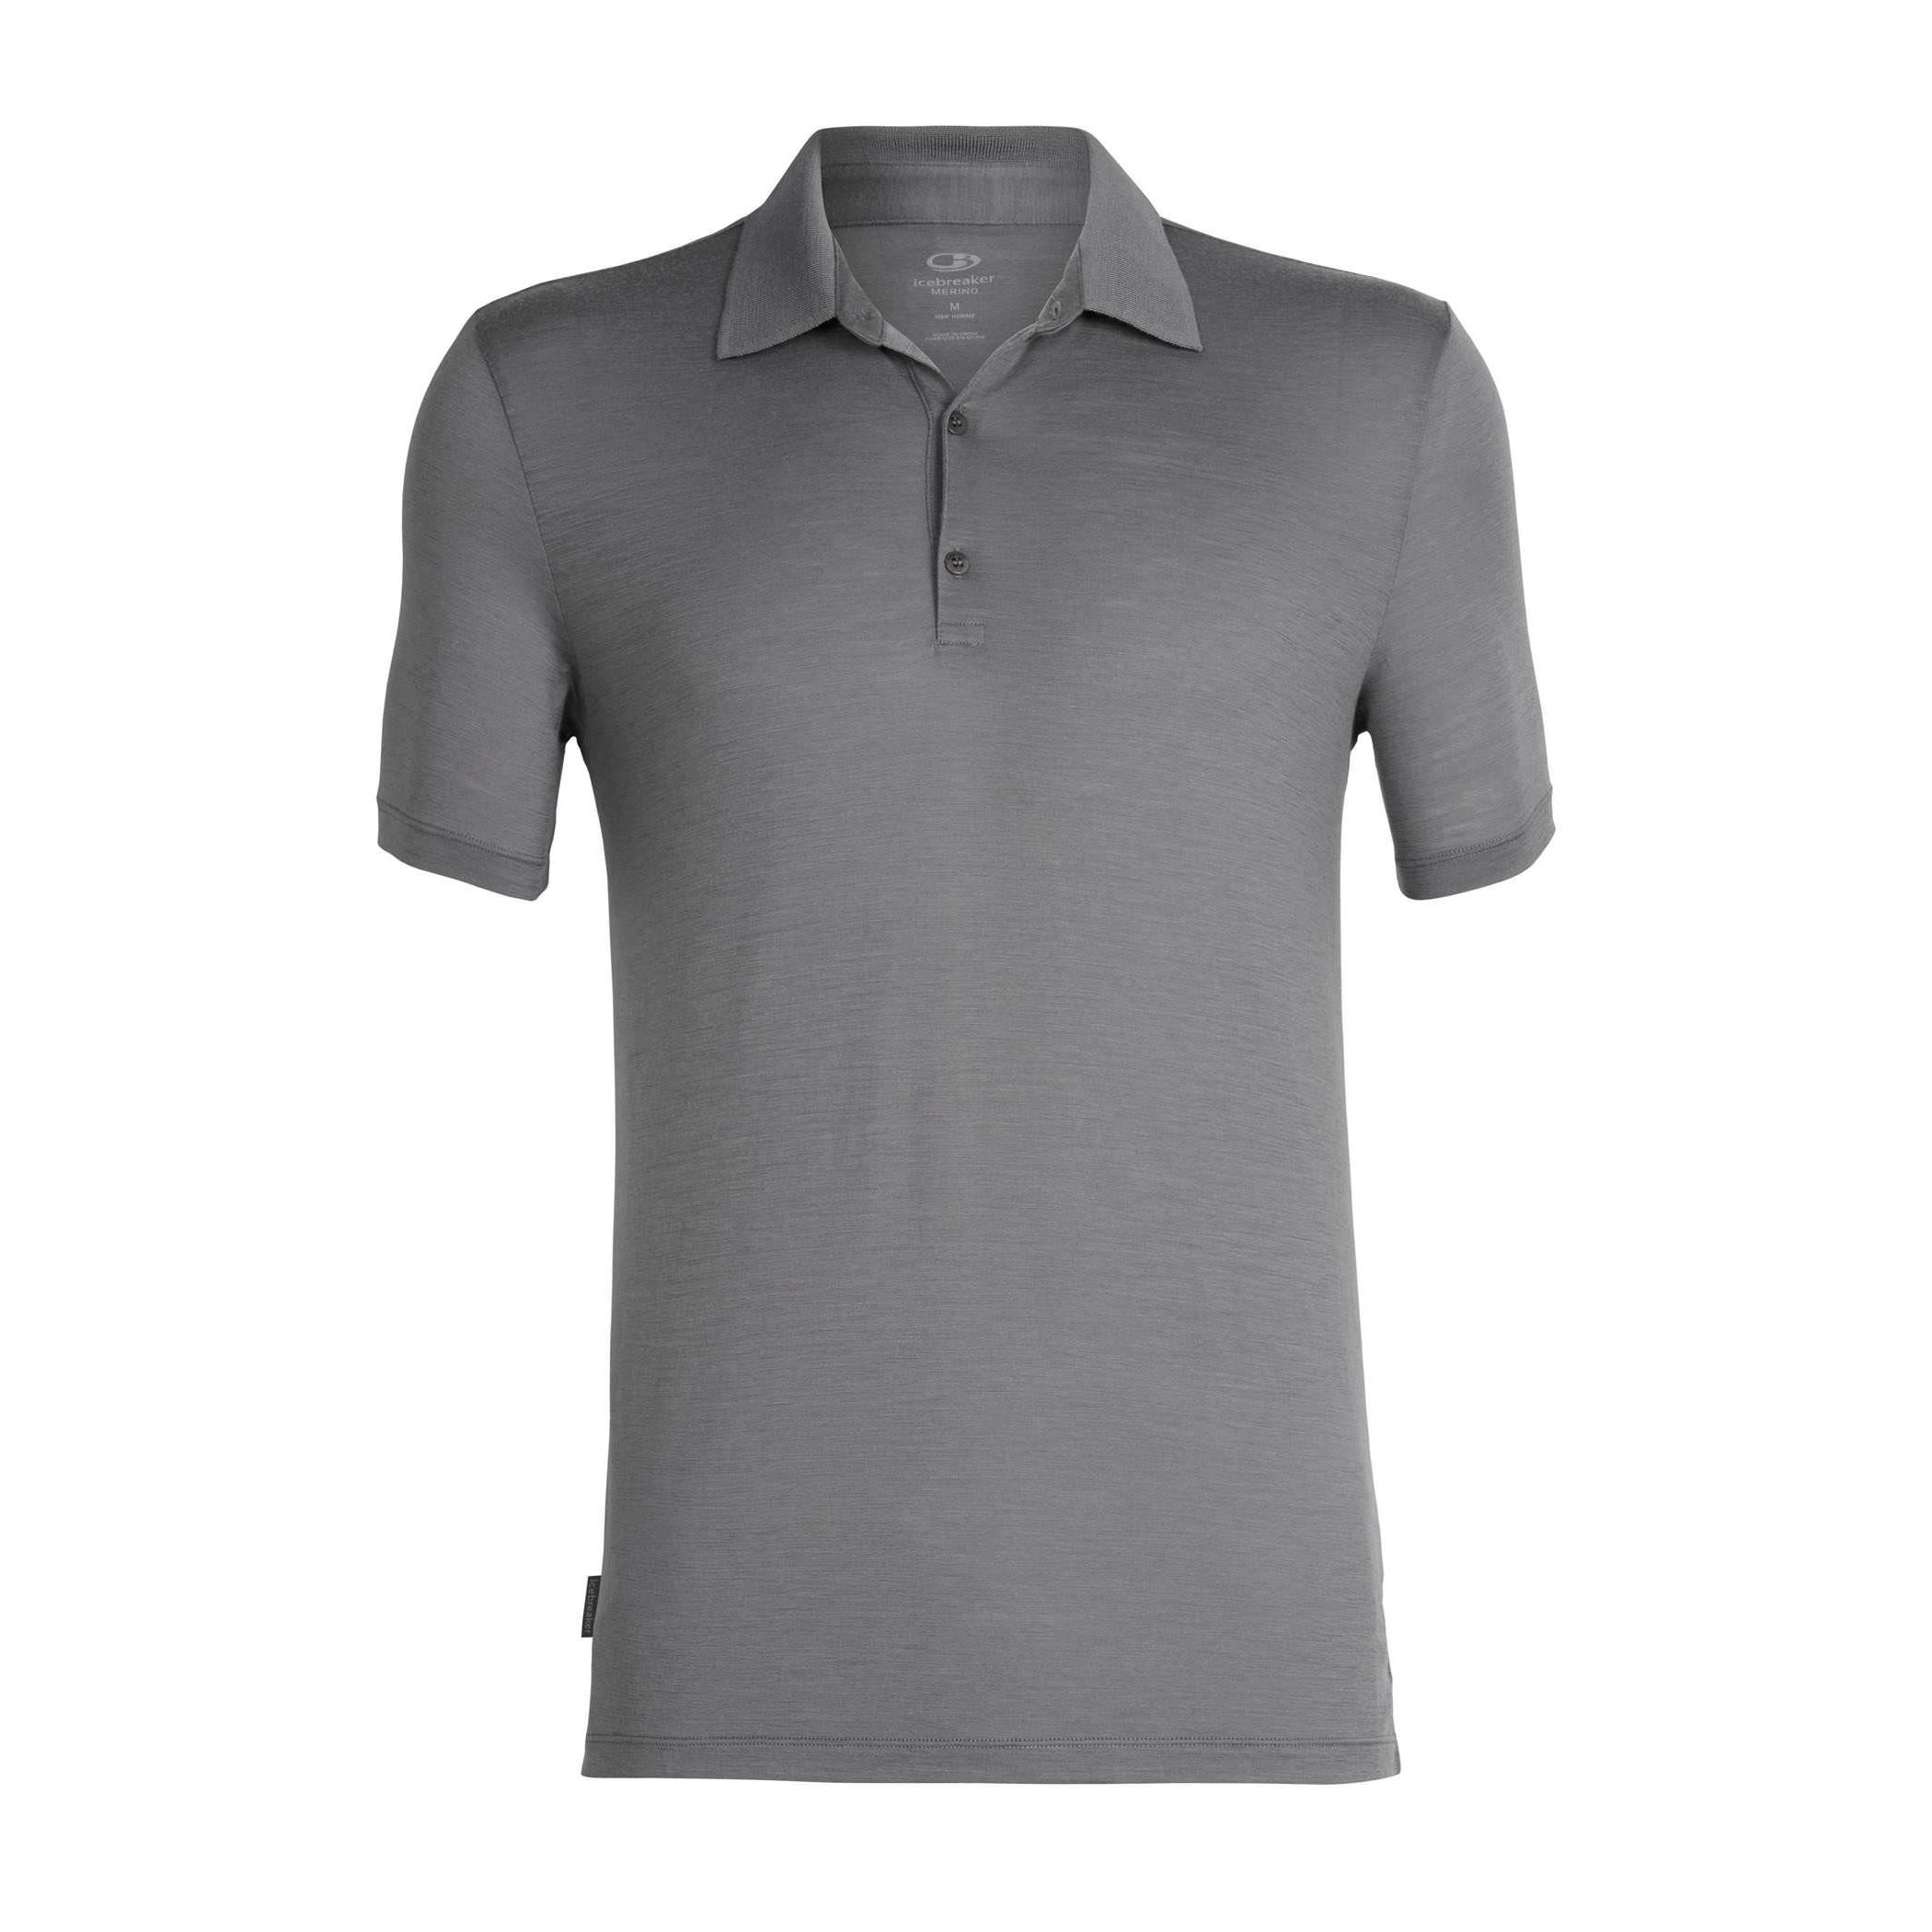 Tech Lite Polo Short Sleeve - Men's